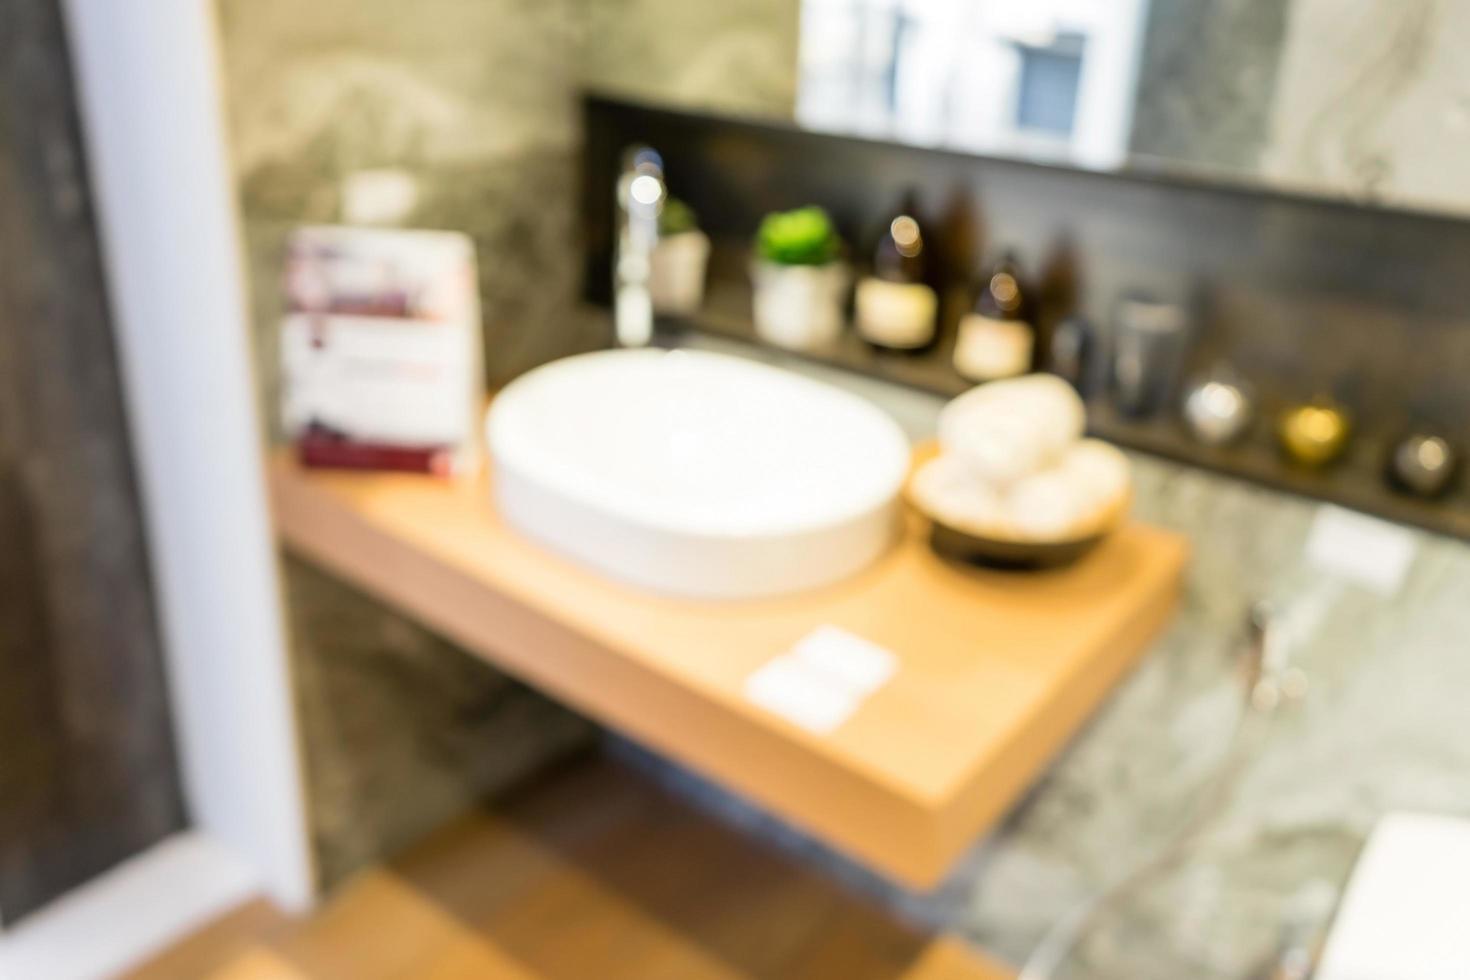 abstract vervagen prachtige luxe badkamer interieur voor achtergrond foto